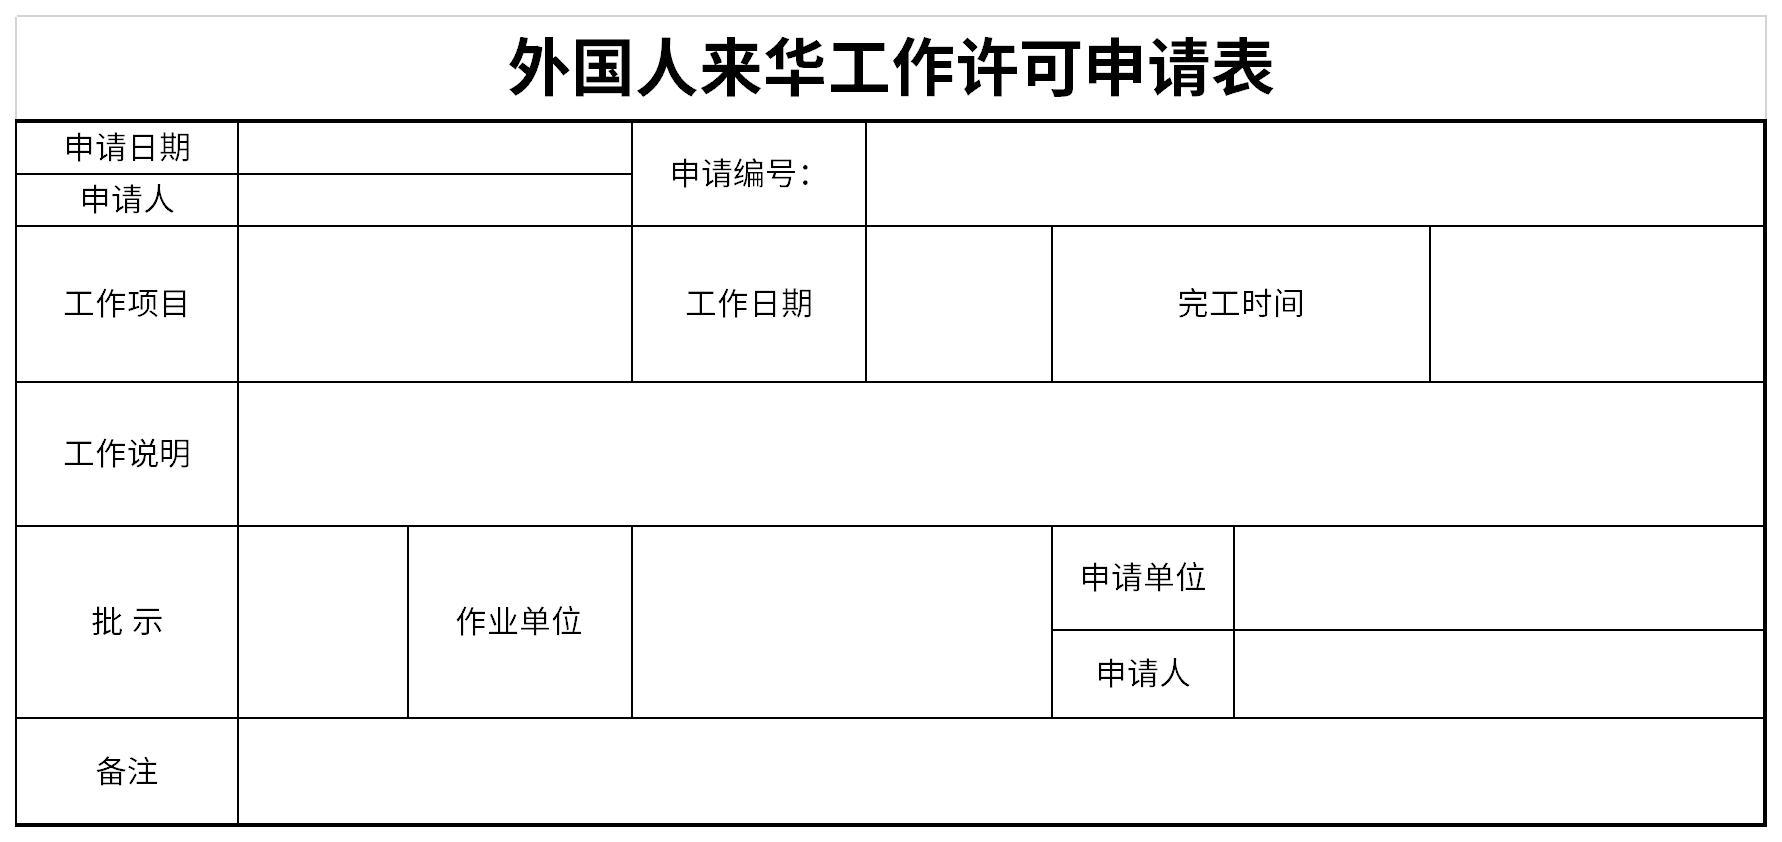 外国人来华工作许可申请表截图